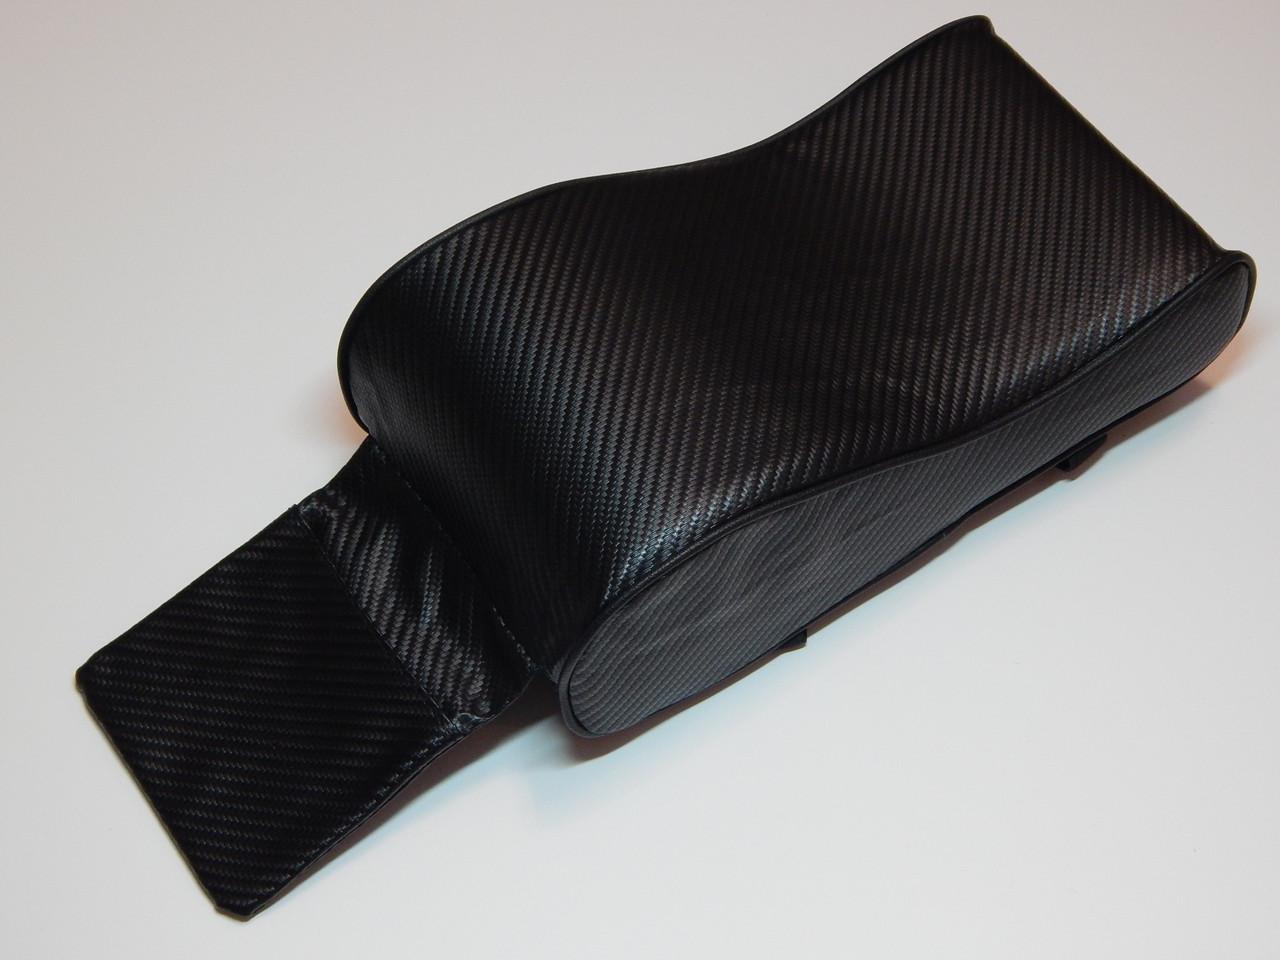 Підлокітник для салону автомобіля ZIRY штучна шкіра, чорний/карбон